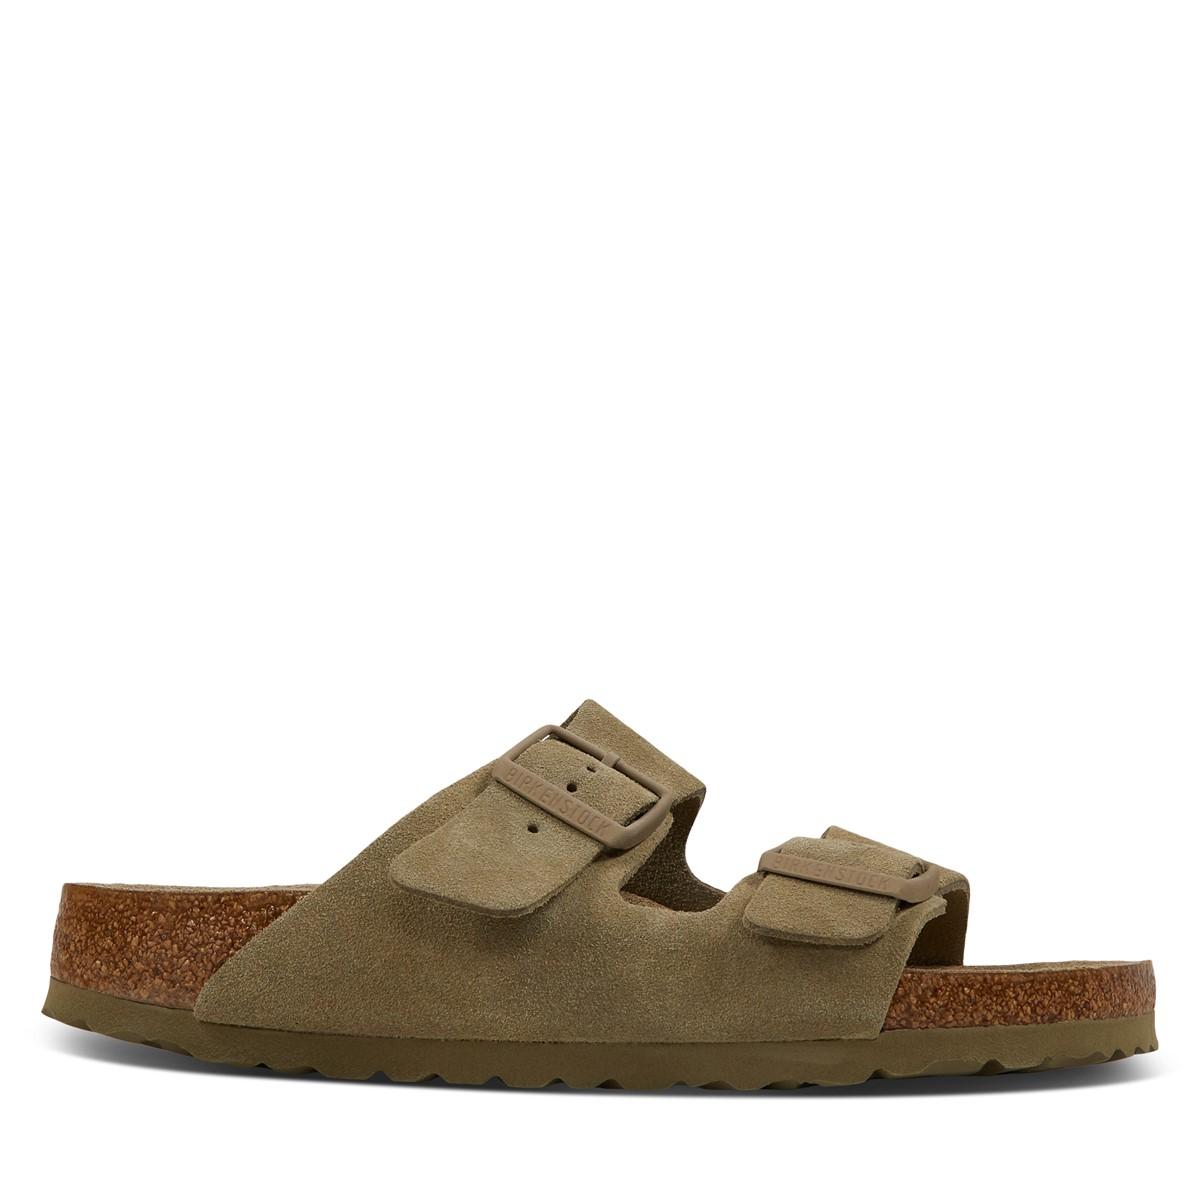 Women's Arizona Soft Sandals in Khaki